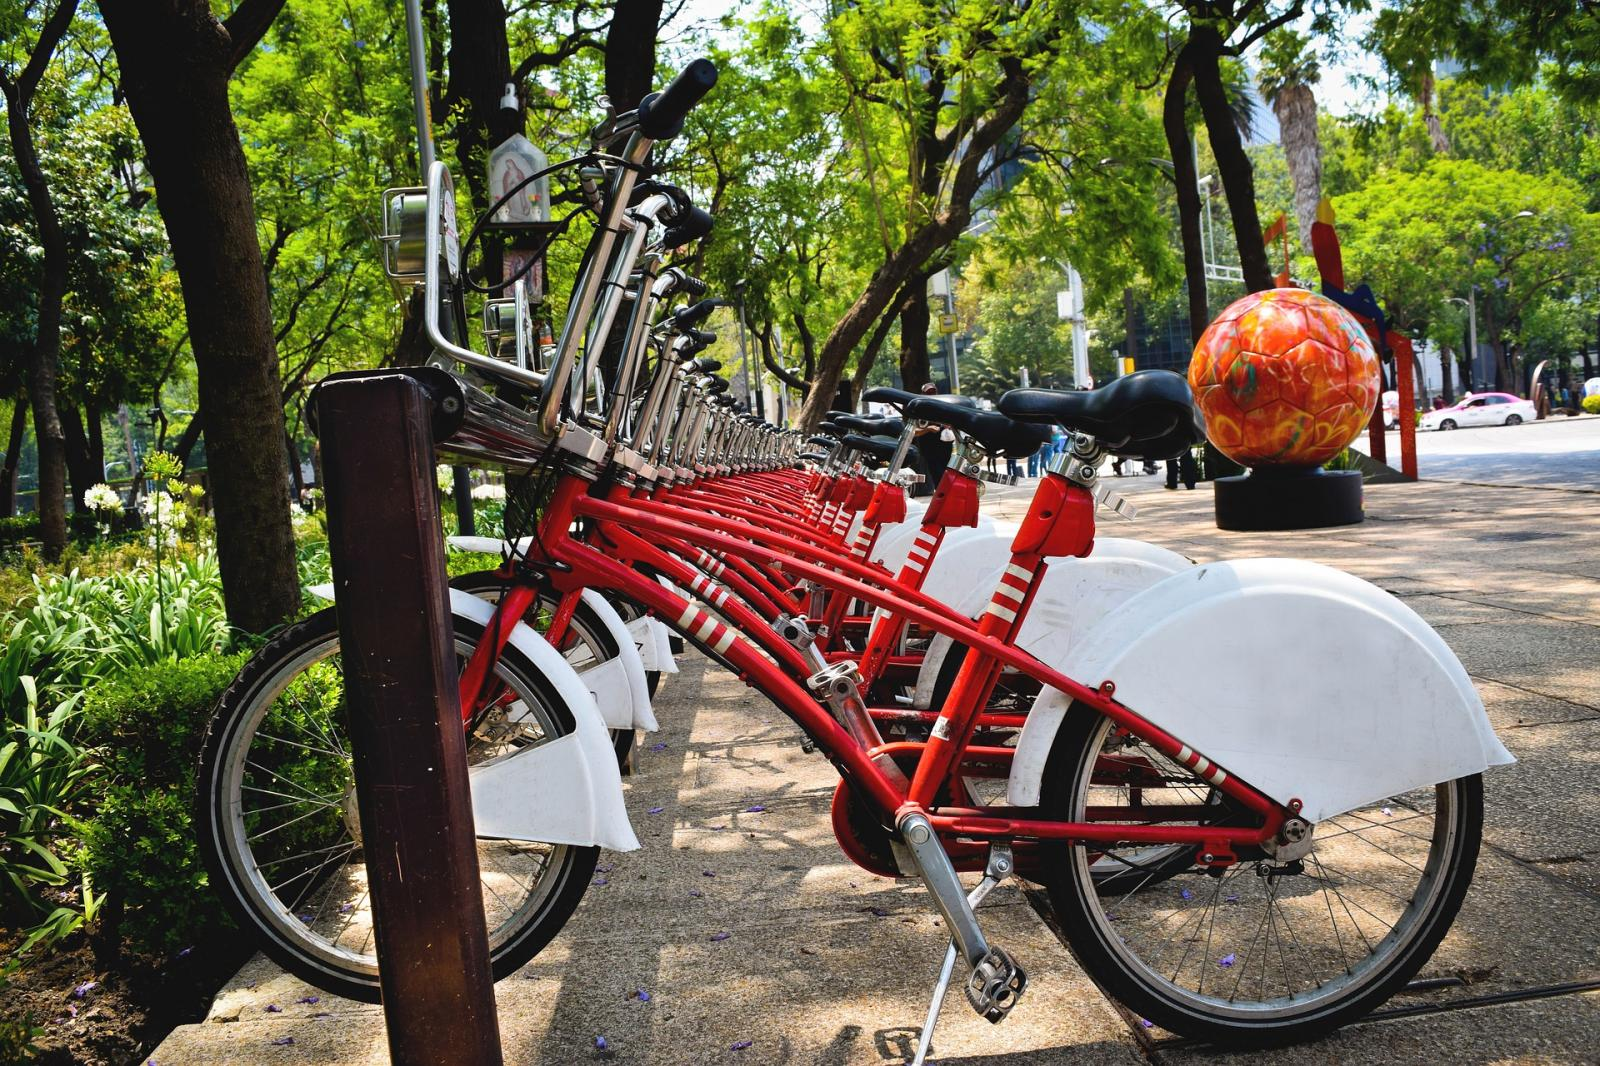 Hay reglas del ciclismo que se debe cumplir para evitar accidentes.